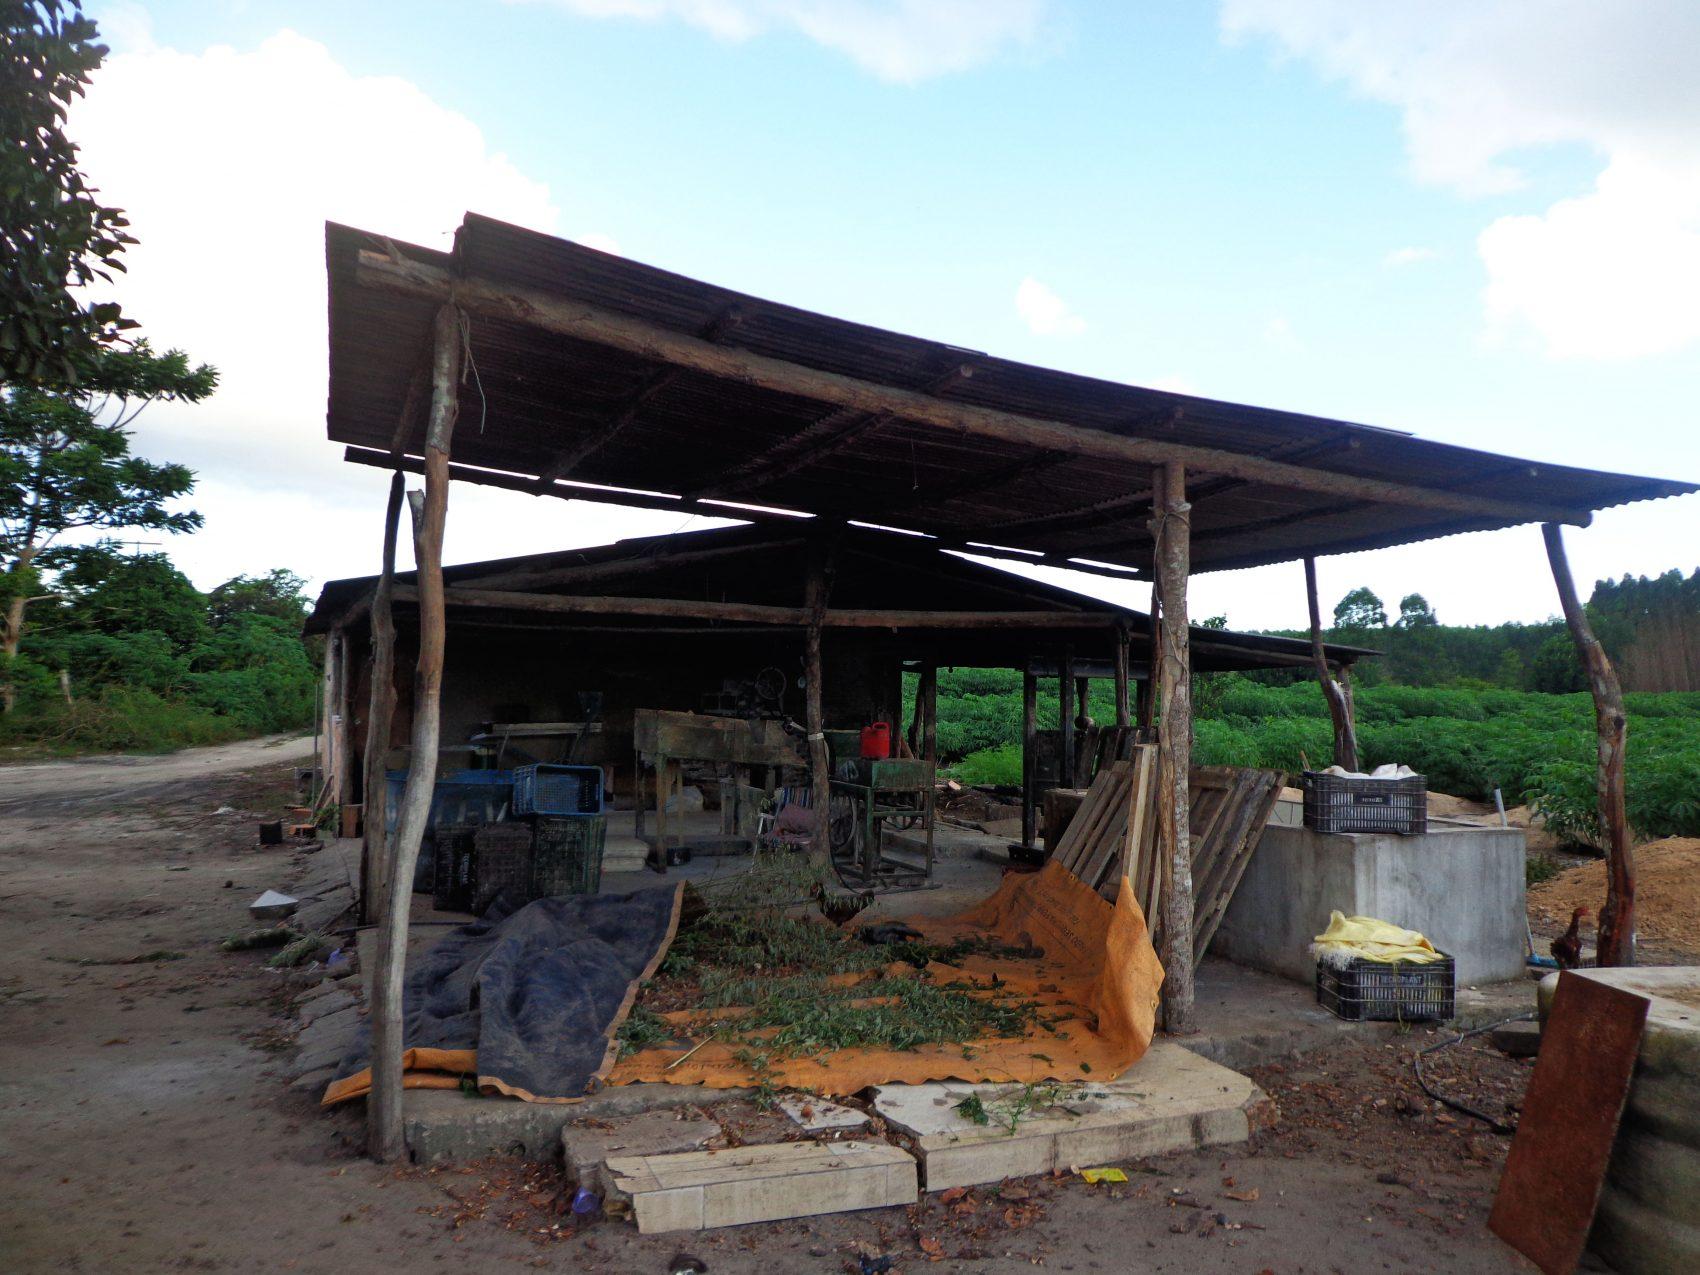 Antiga farinheira em Alcobaça: contaminação de rios, córregos e lagos por resíduo da mandioca (Foto: Divulgação)